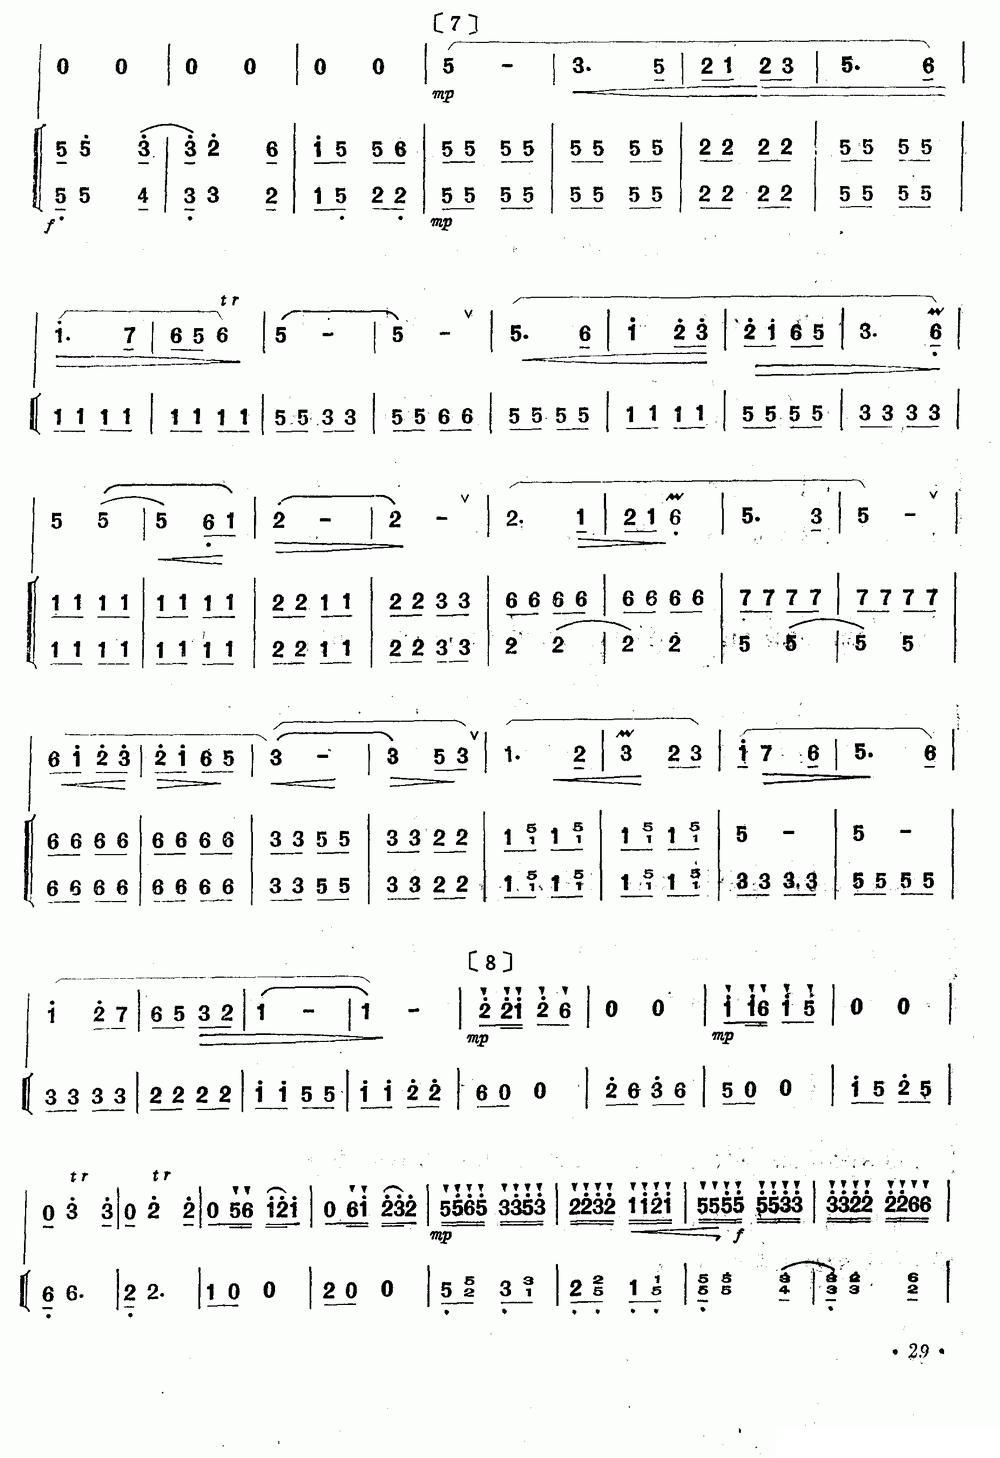 下载:迎春(笛子+伴奏)笛子(箫)曲谱(图5)-迎春 笛子 伴奏